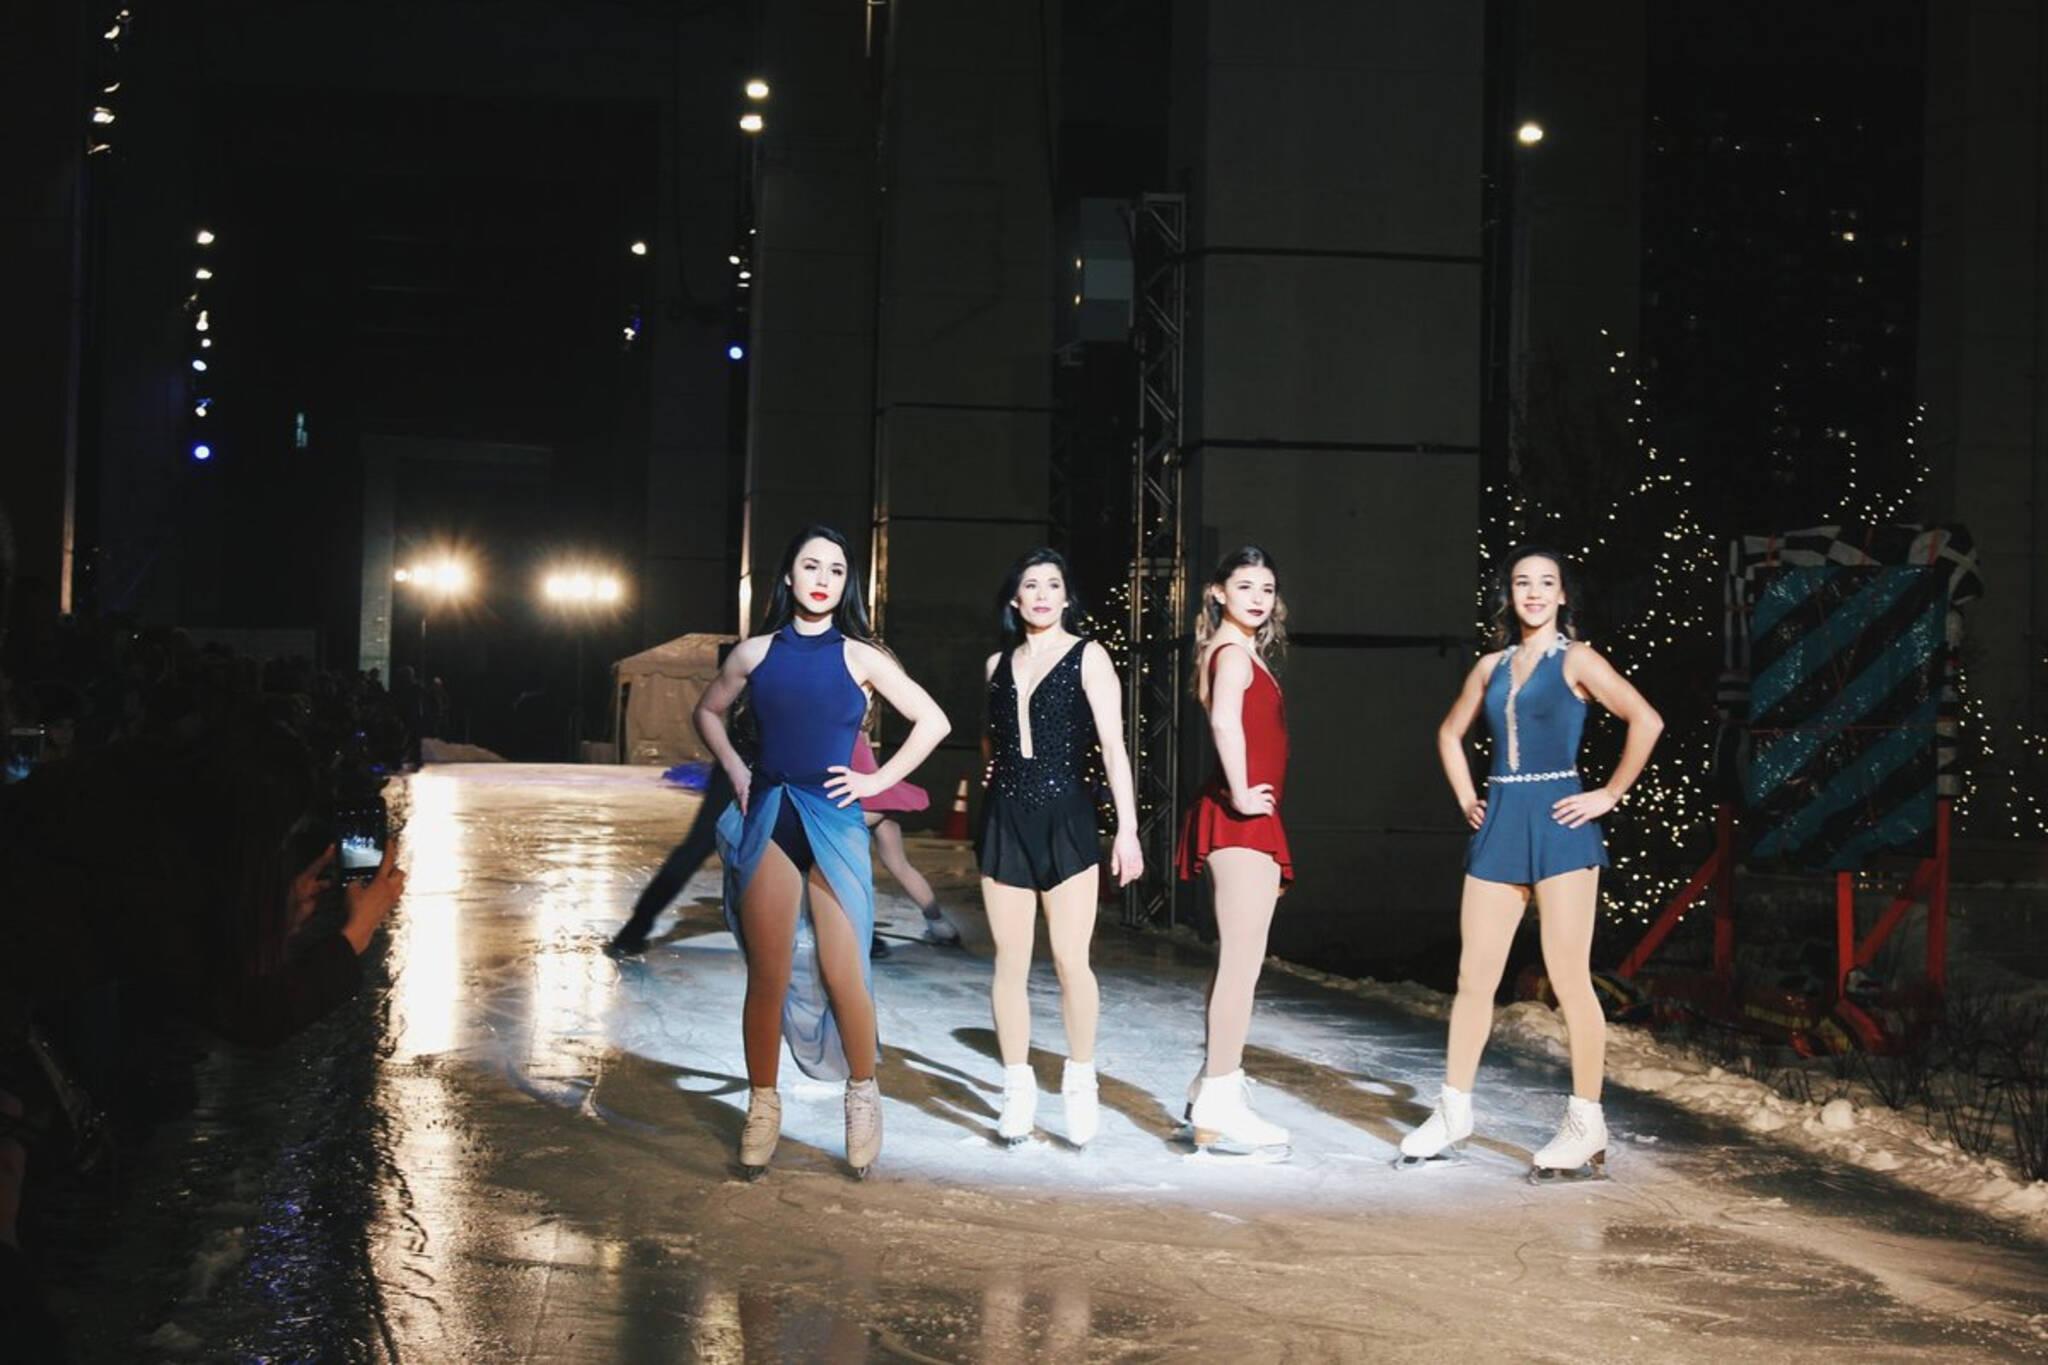 Bentway fashion show toronto